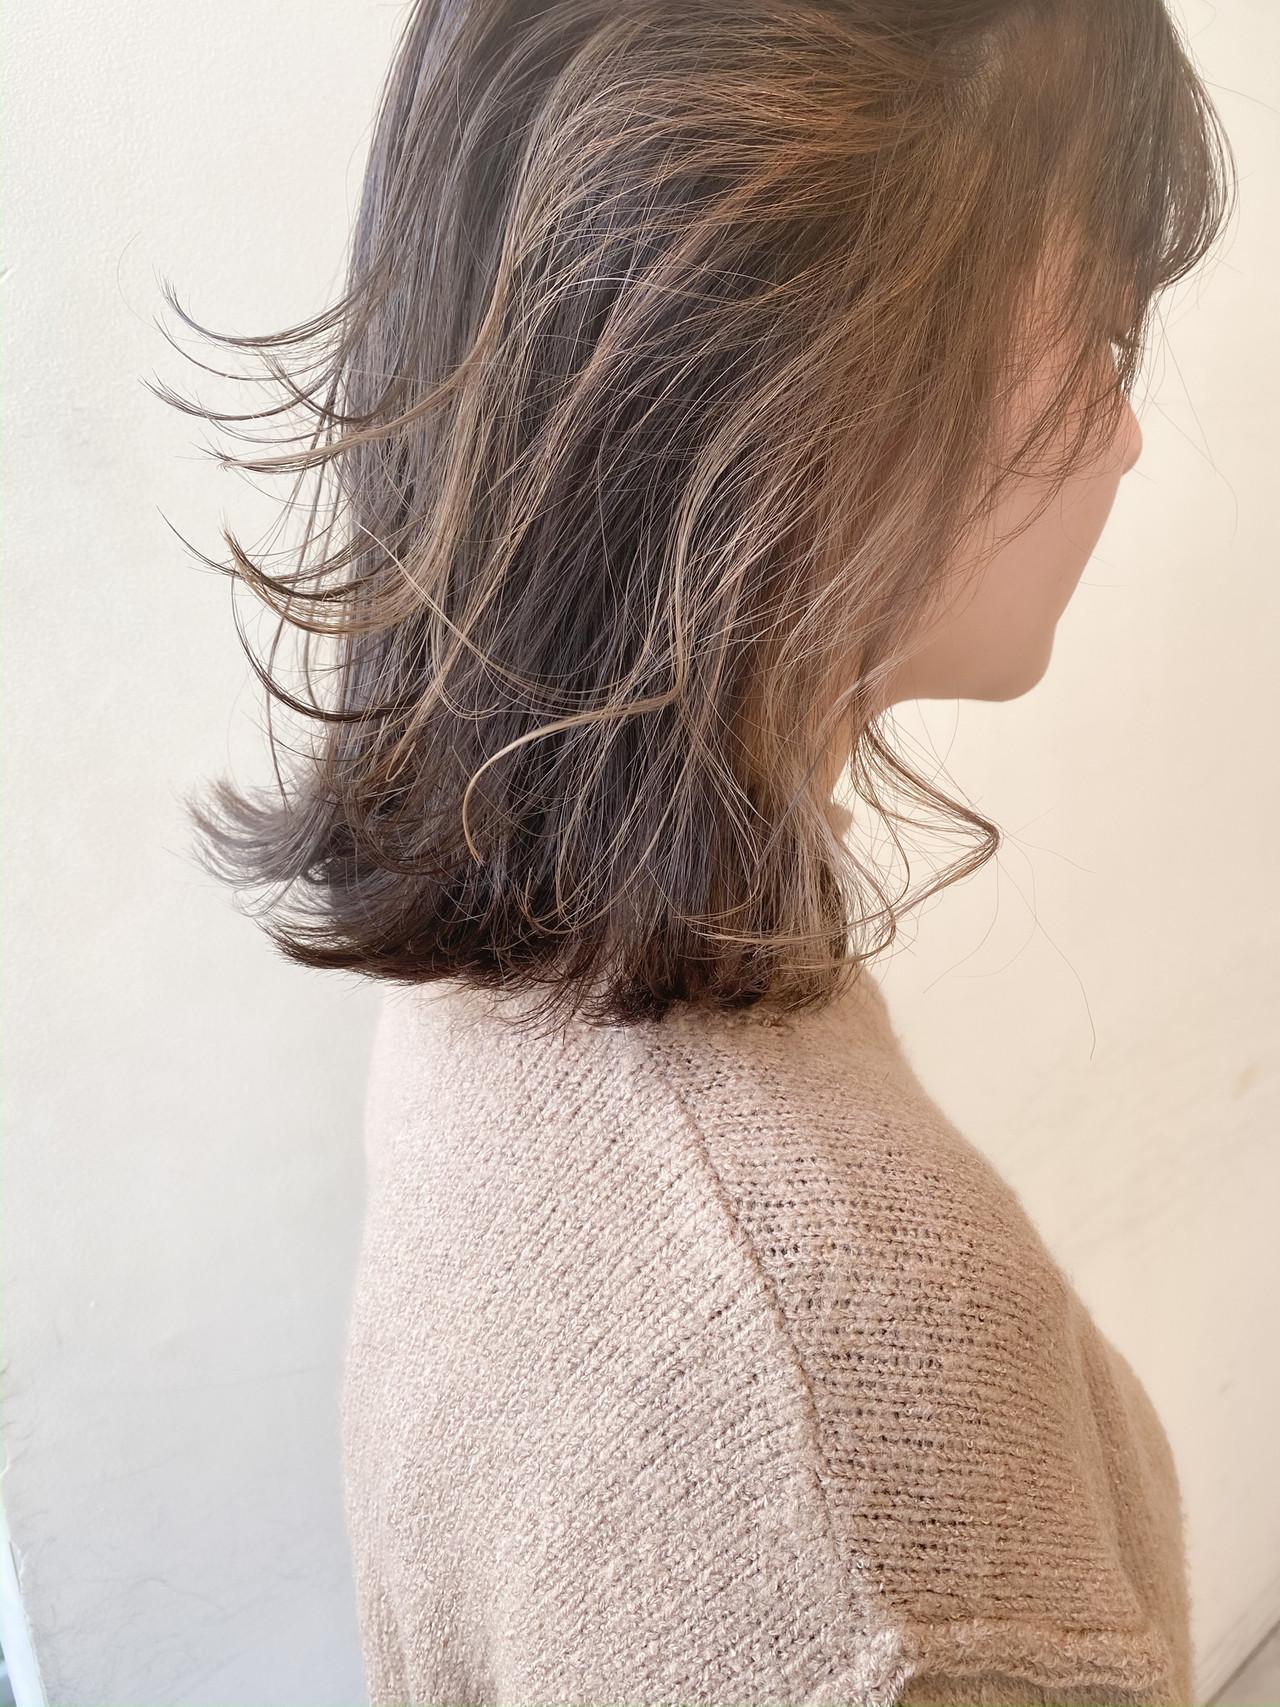 ナチュラル ミルクティーベージュ ボブ インナーカラー ヘアスタイルや髪型の写真・画像 | 村西 郁人 / rue